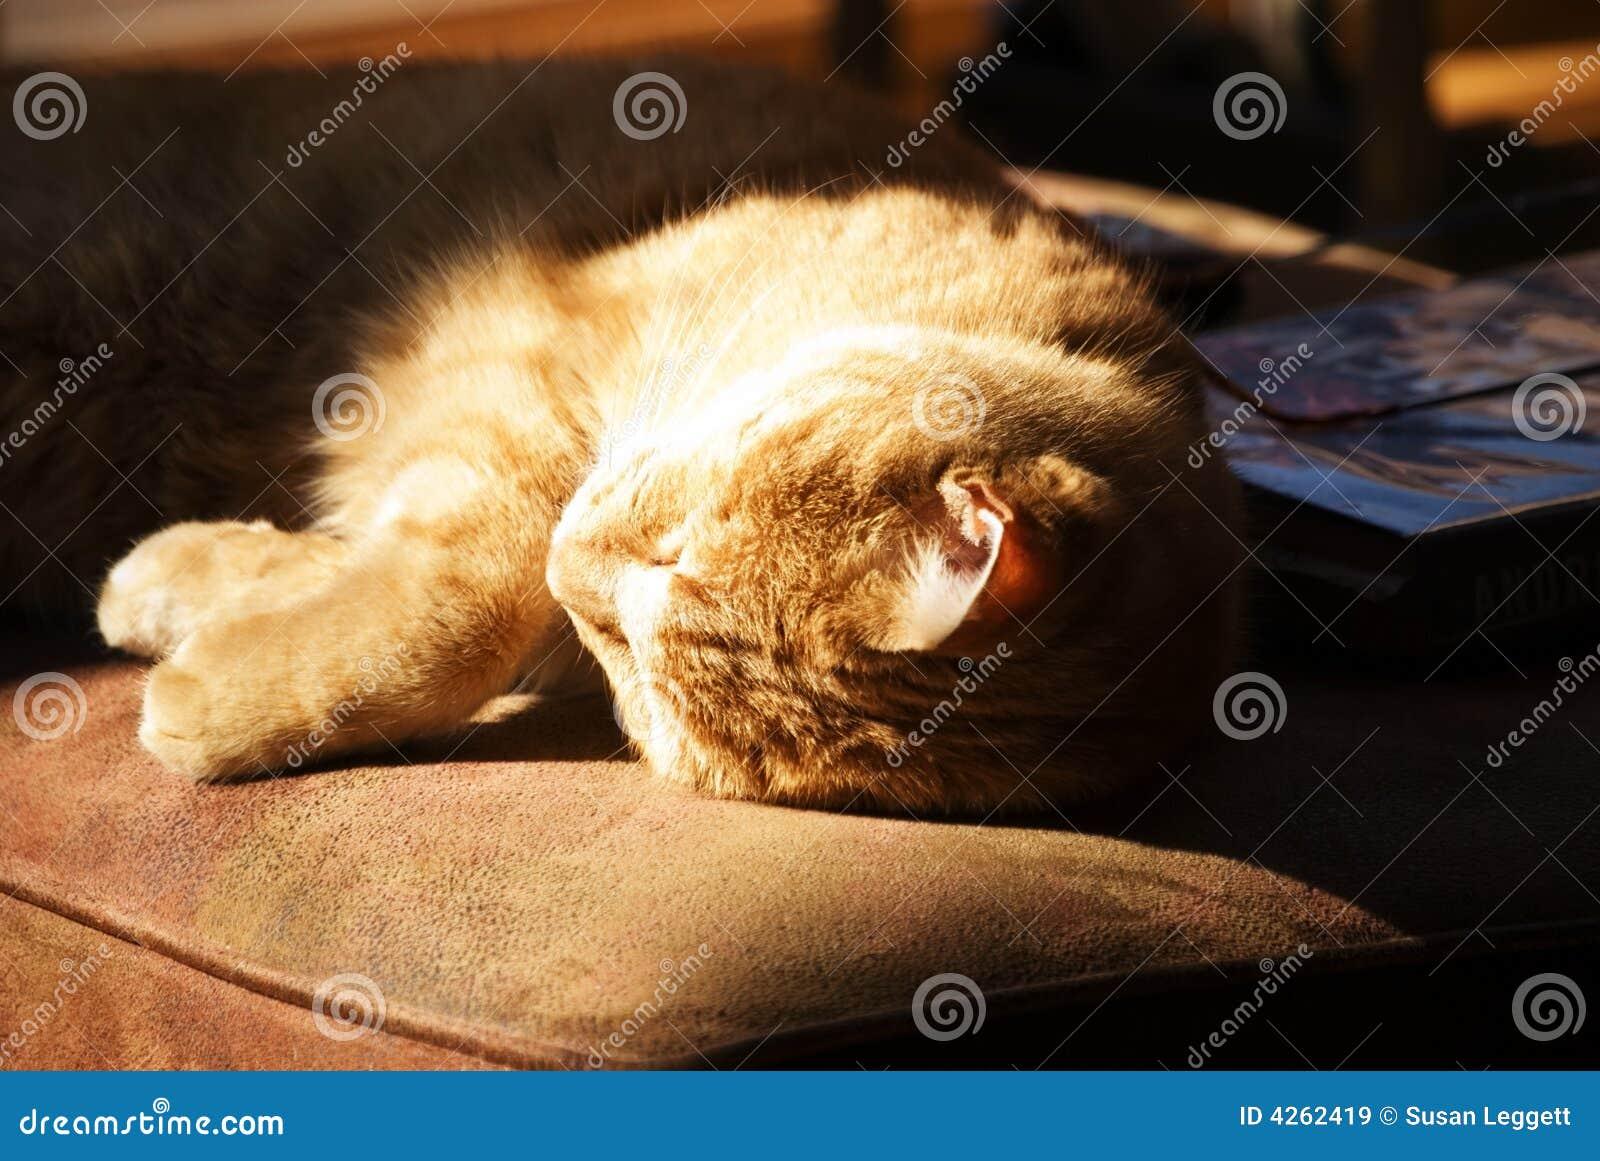 Cat enjoying sunshine